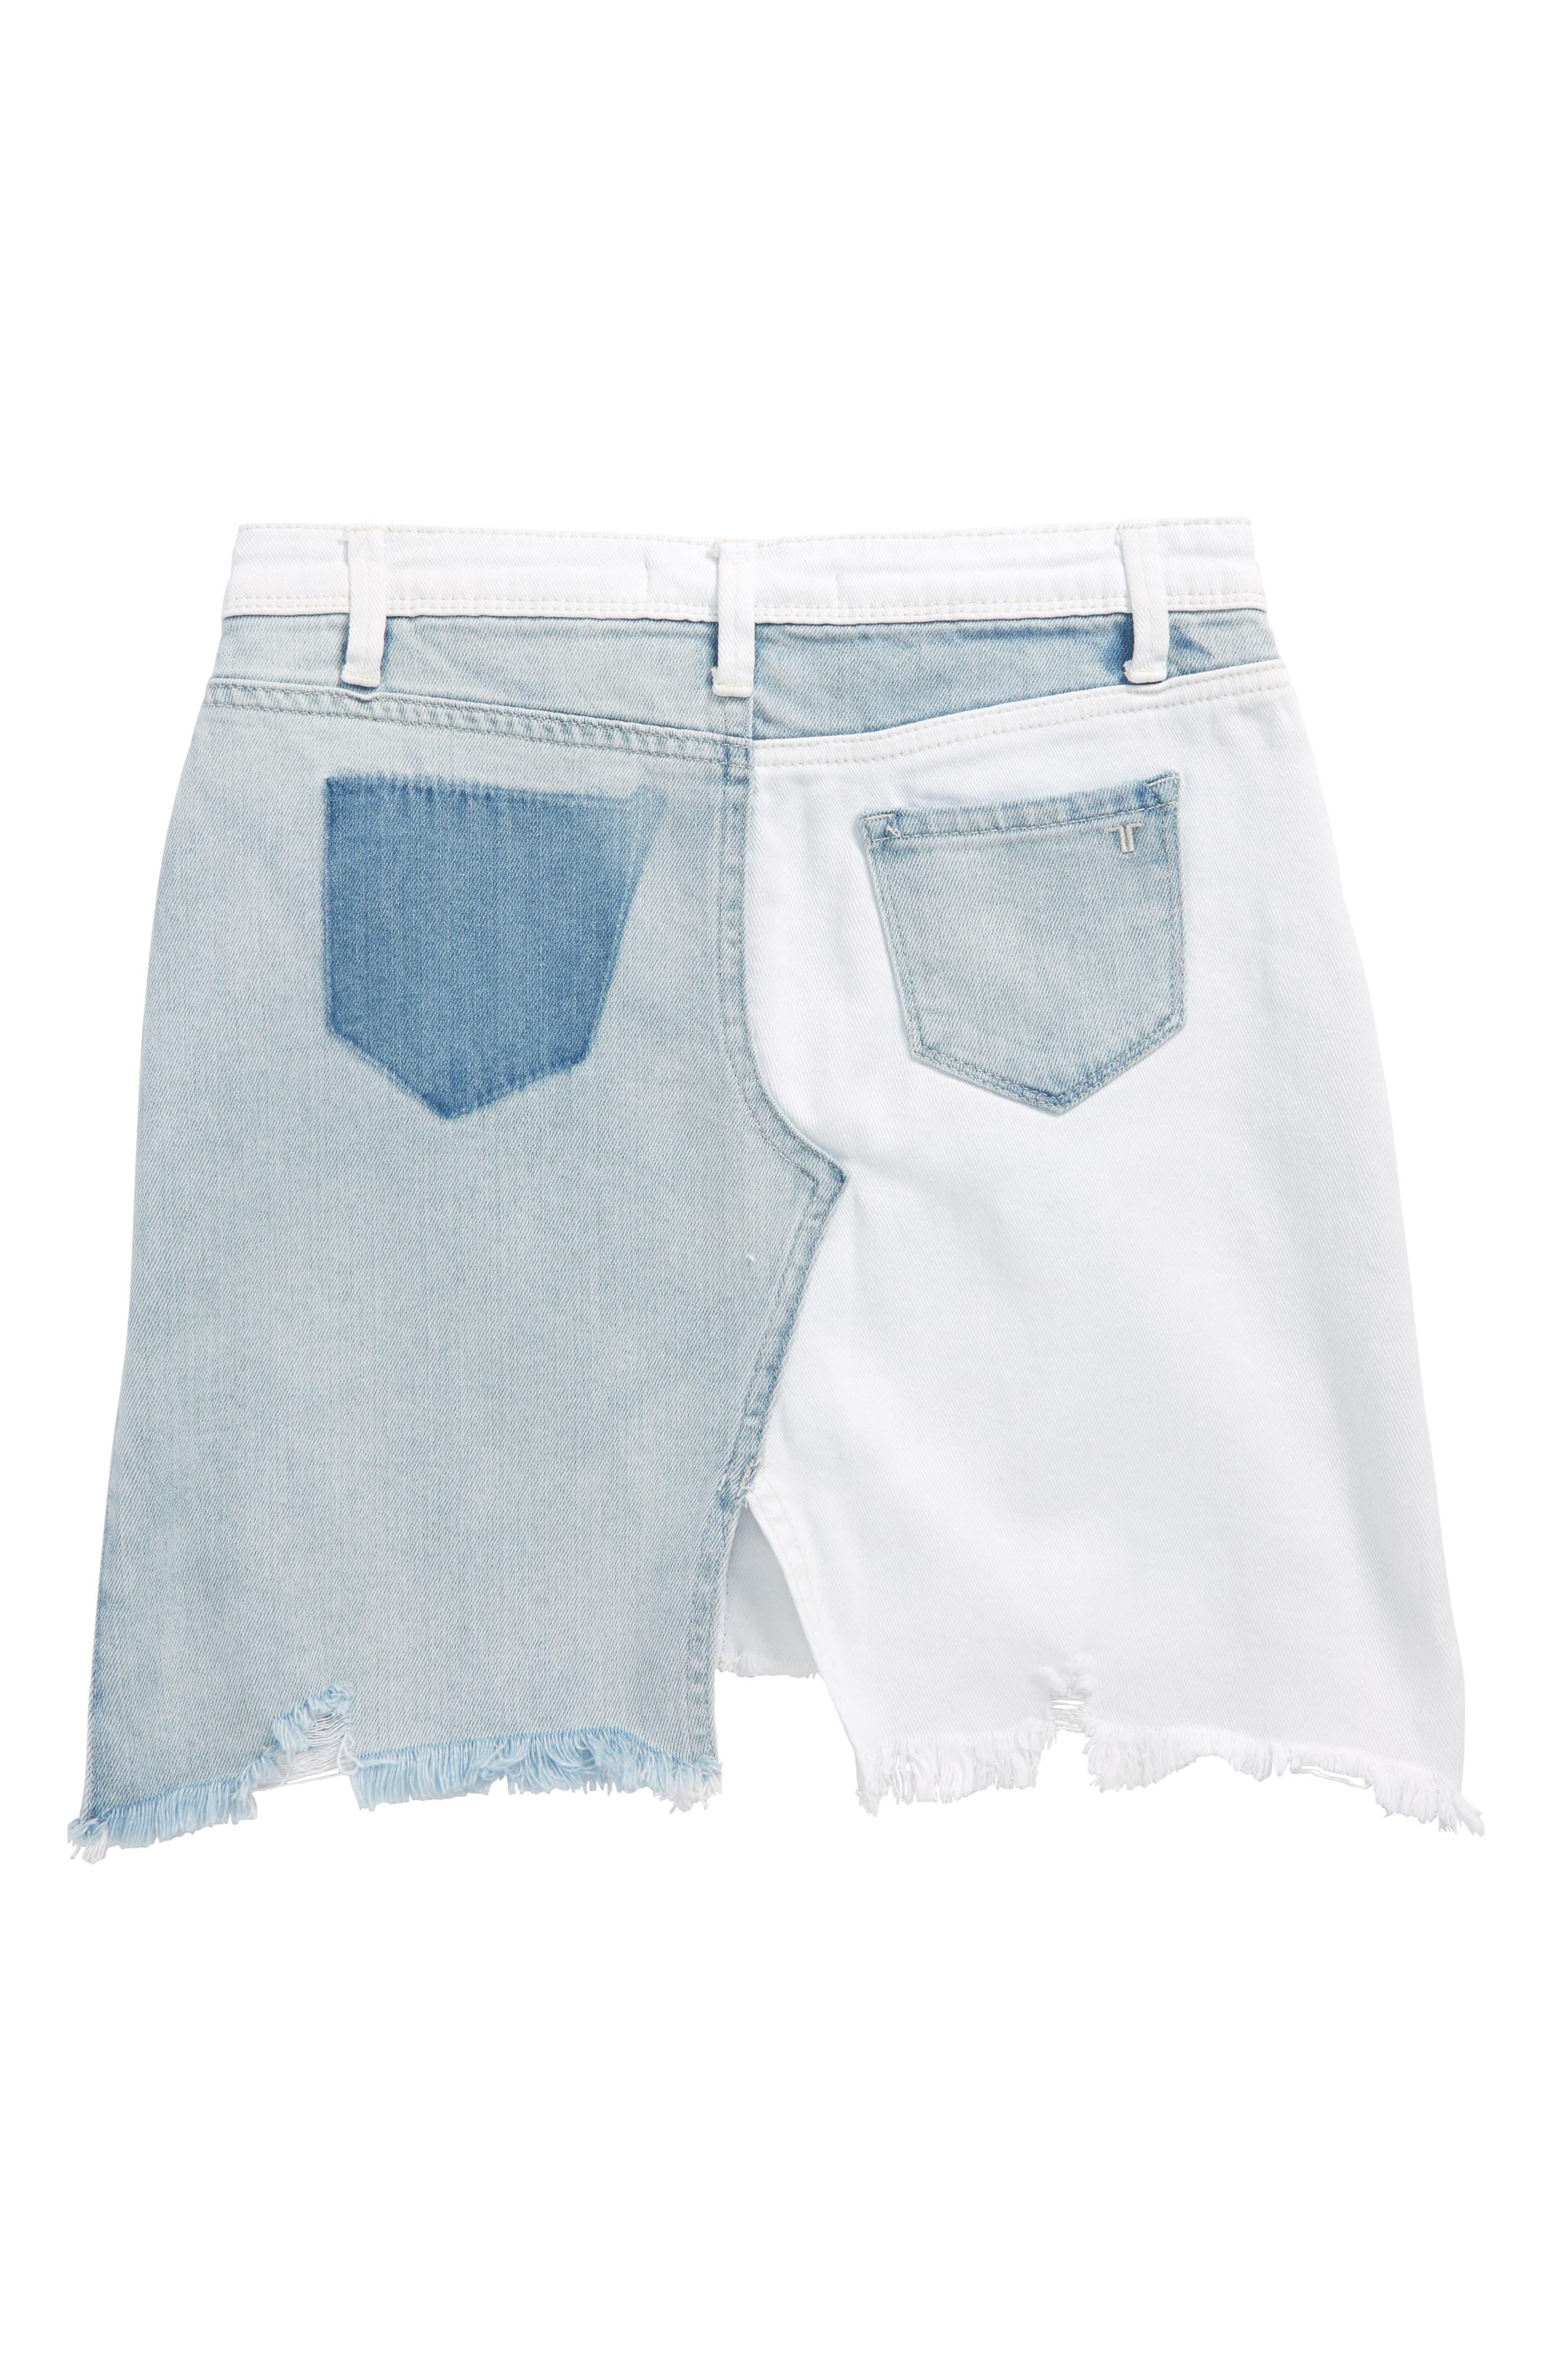 Patchwork Denim Skirt,                             Alternate thumbnail 2, color,                             White/ Indigo